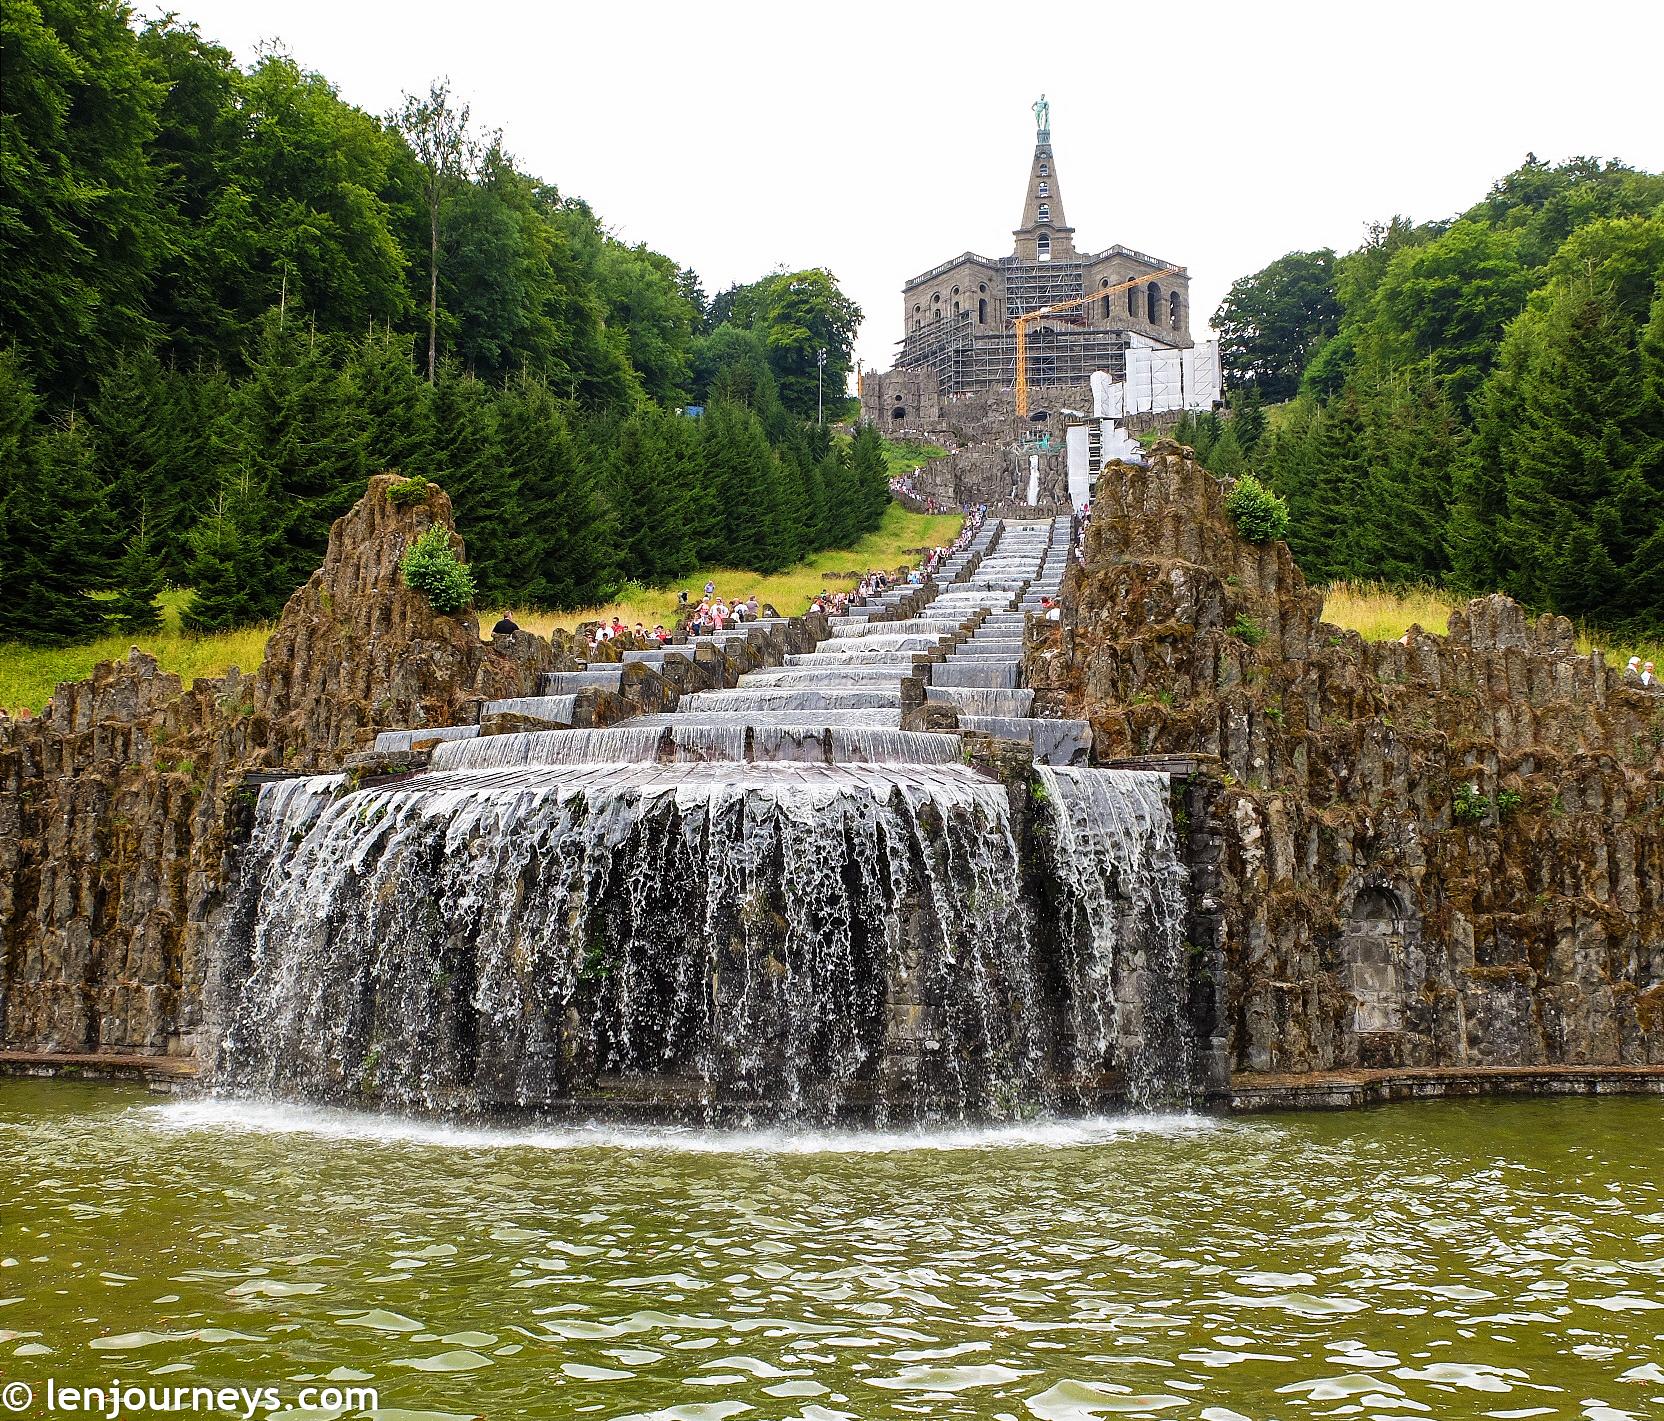 Water cascade in Bergpark Wilhelmshöhe